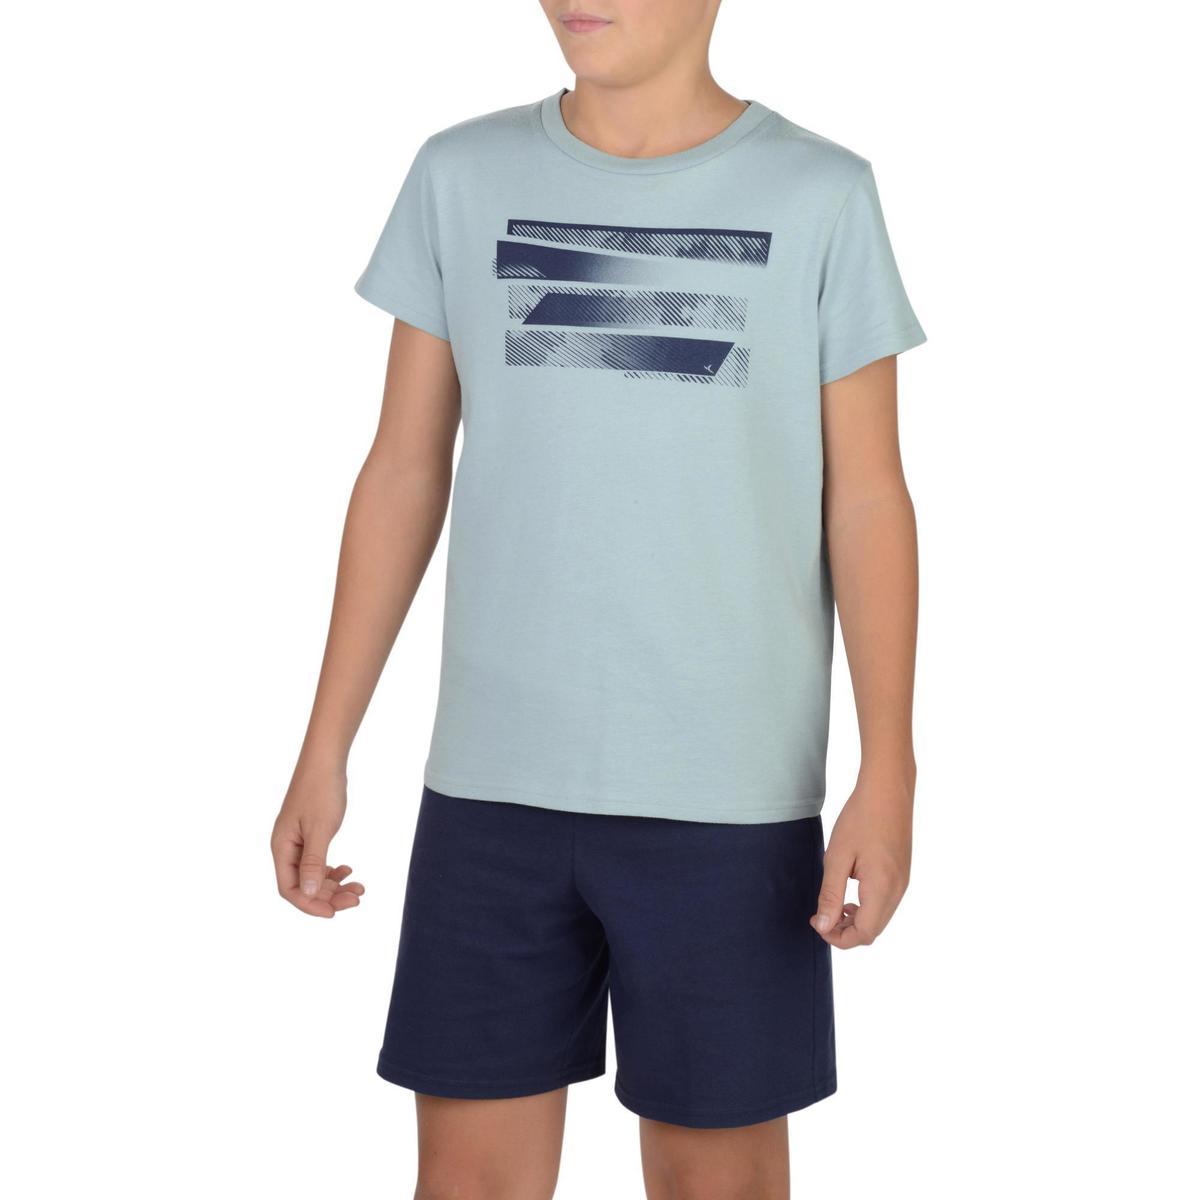 Bild 2 von T-Shirt 100 Gym Kinder grau mit Print